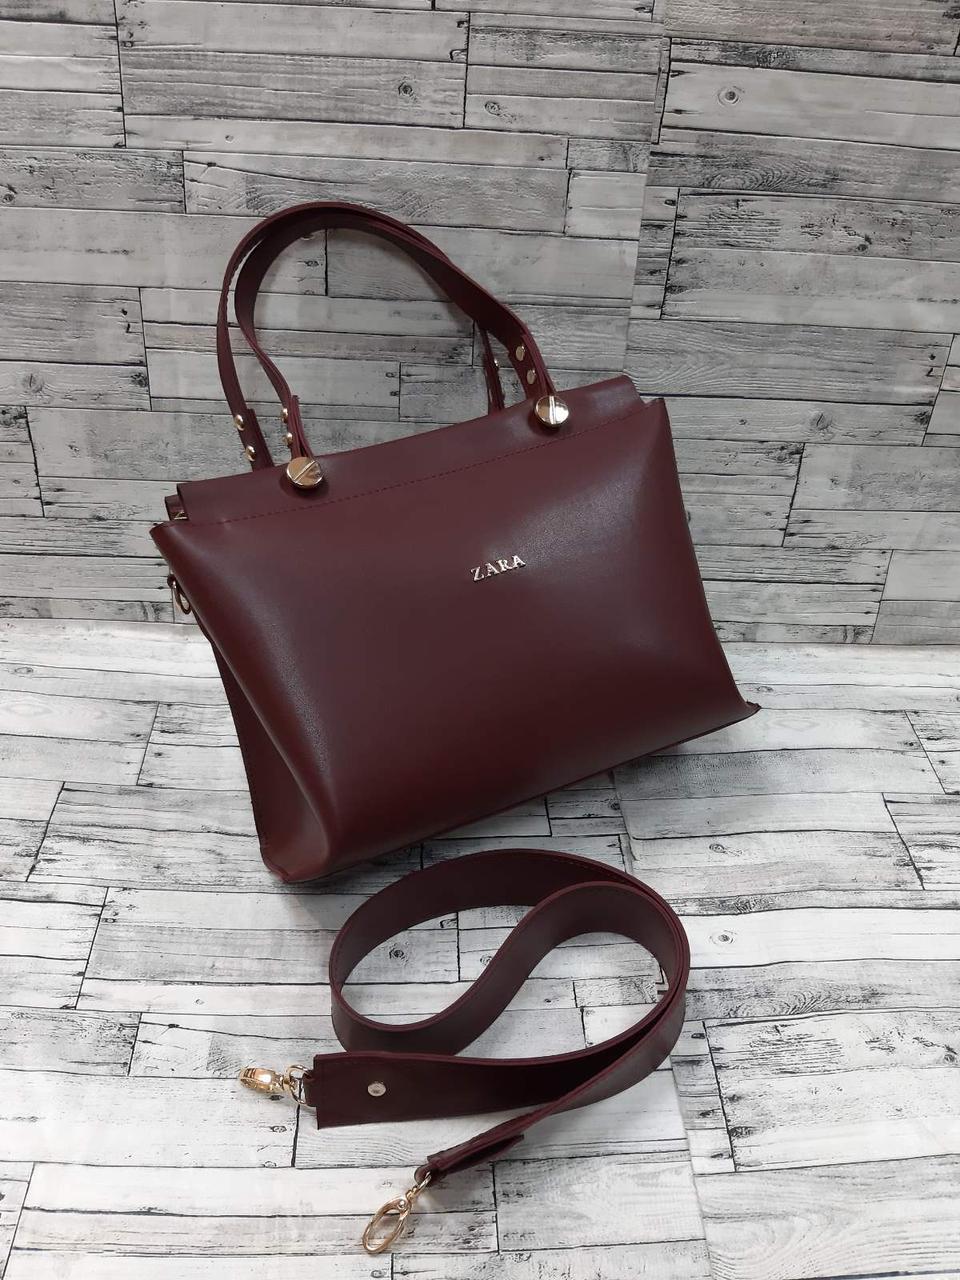 Стильная Женская сумка городская ZARA Зара из экокожи .